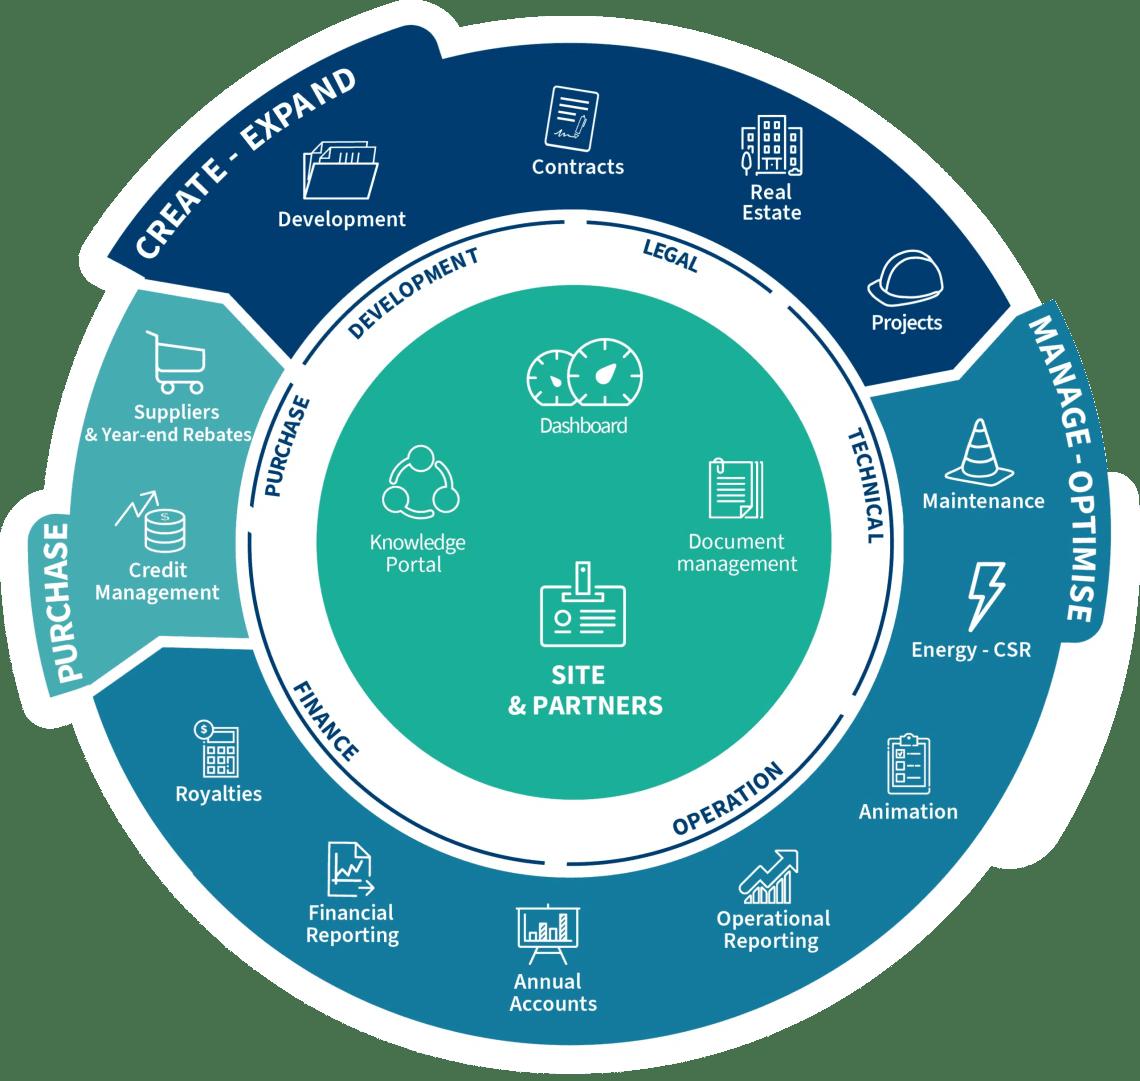 schema-2021-v11-2-eng-min